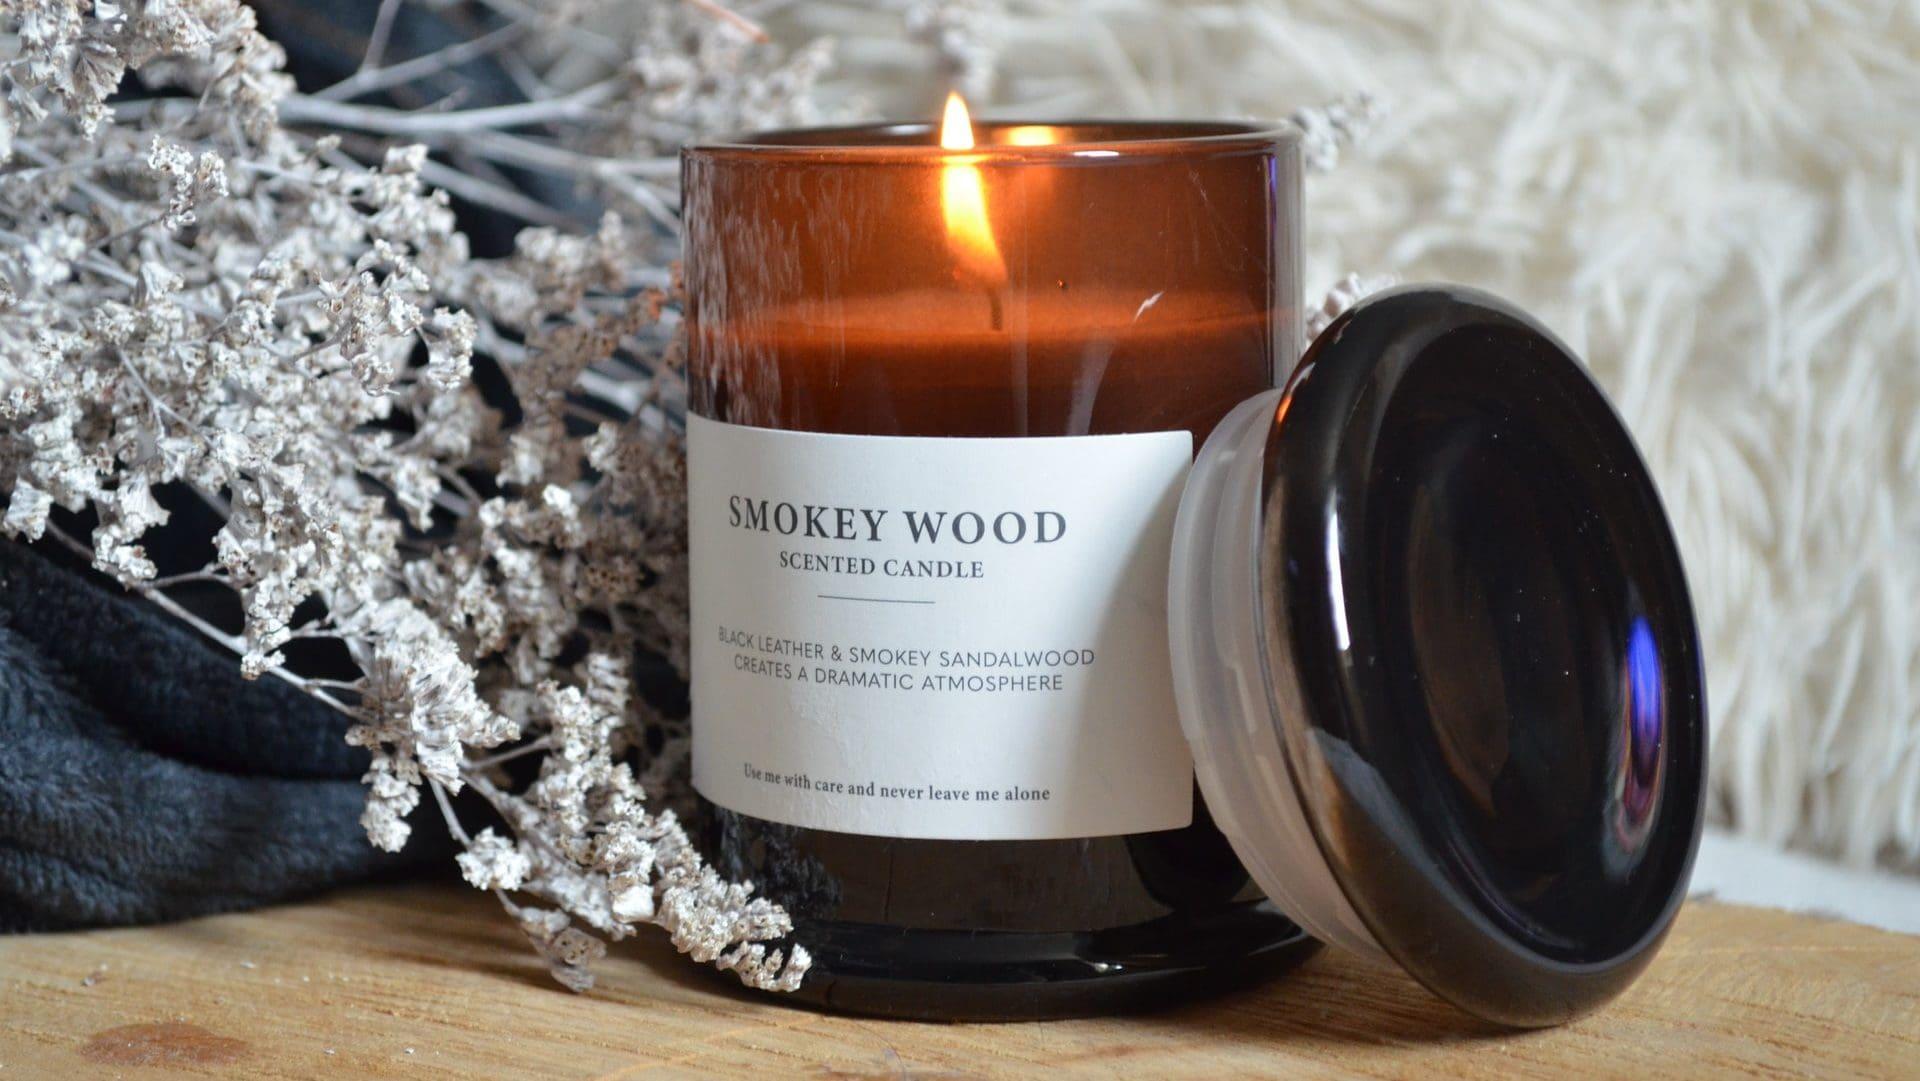 Geurkaars, smokey wood, in glazen pot op houten ondergrond. Vooraanzicht